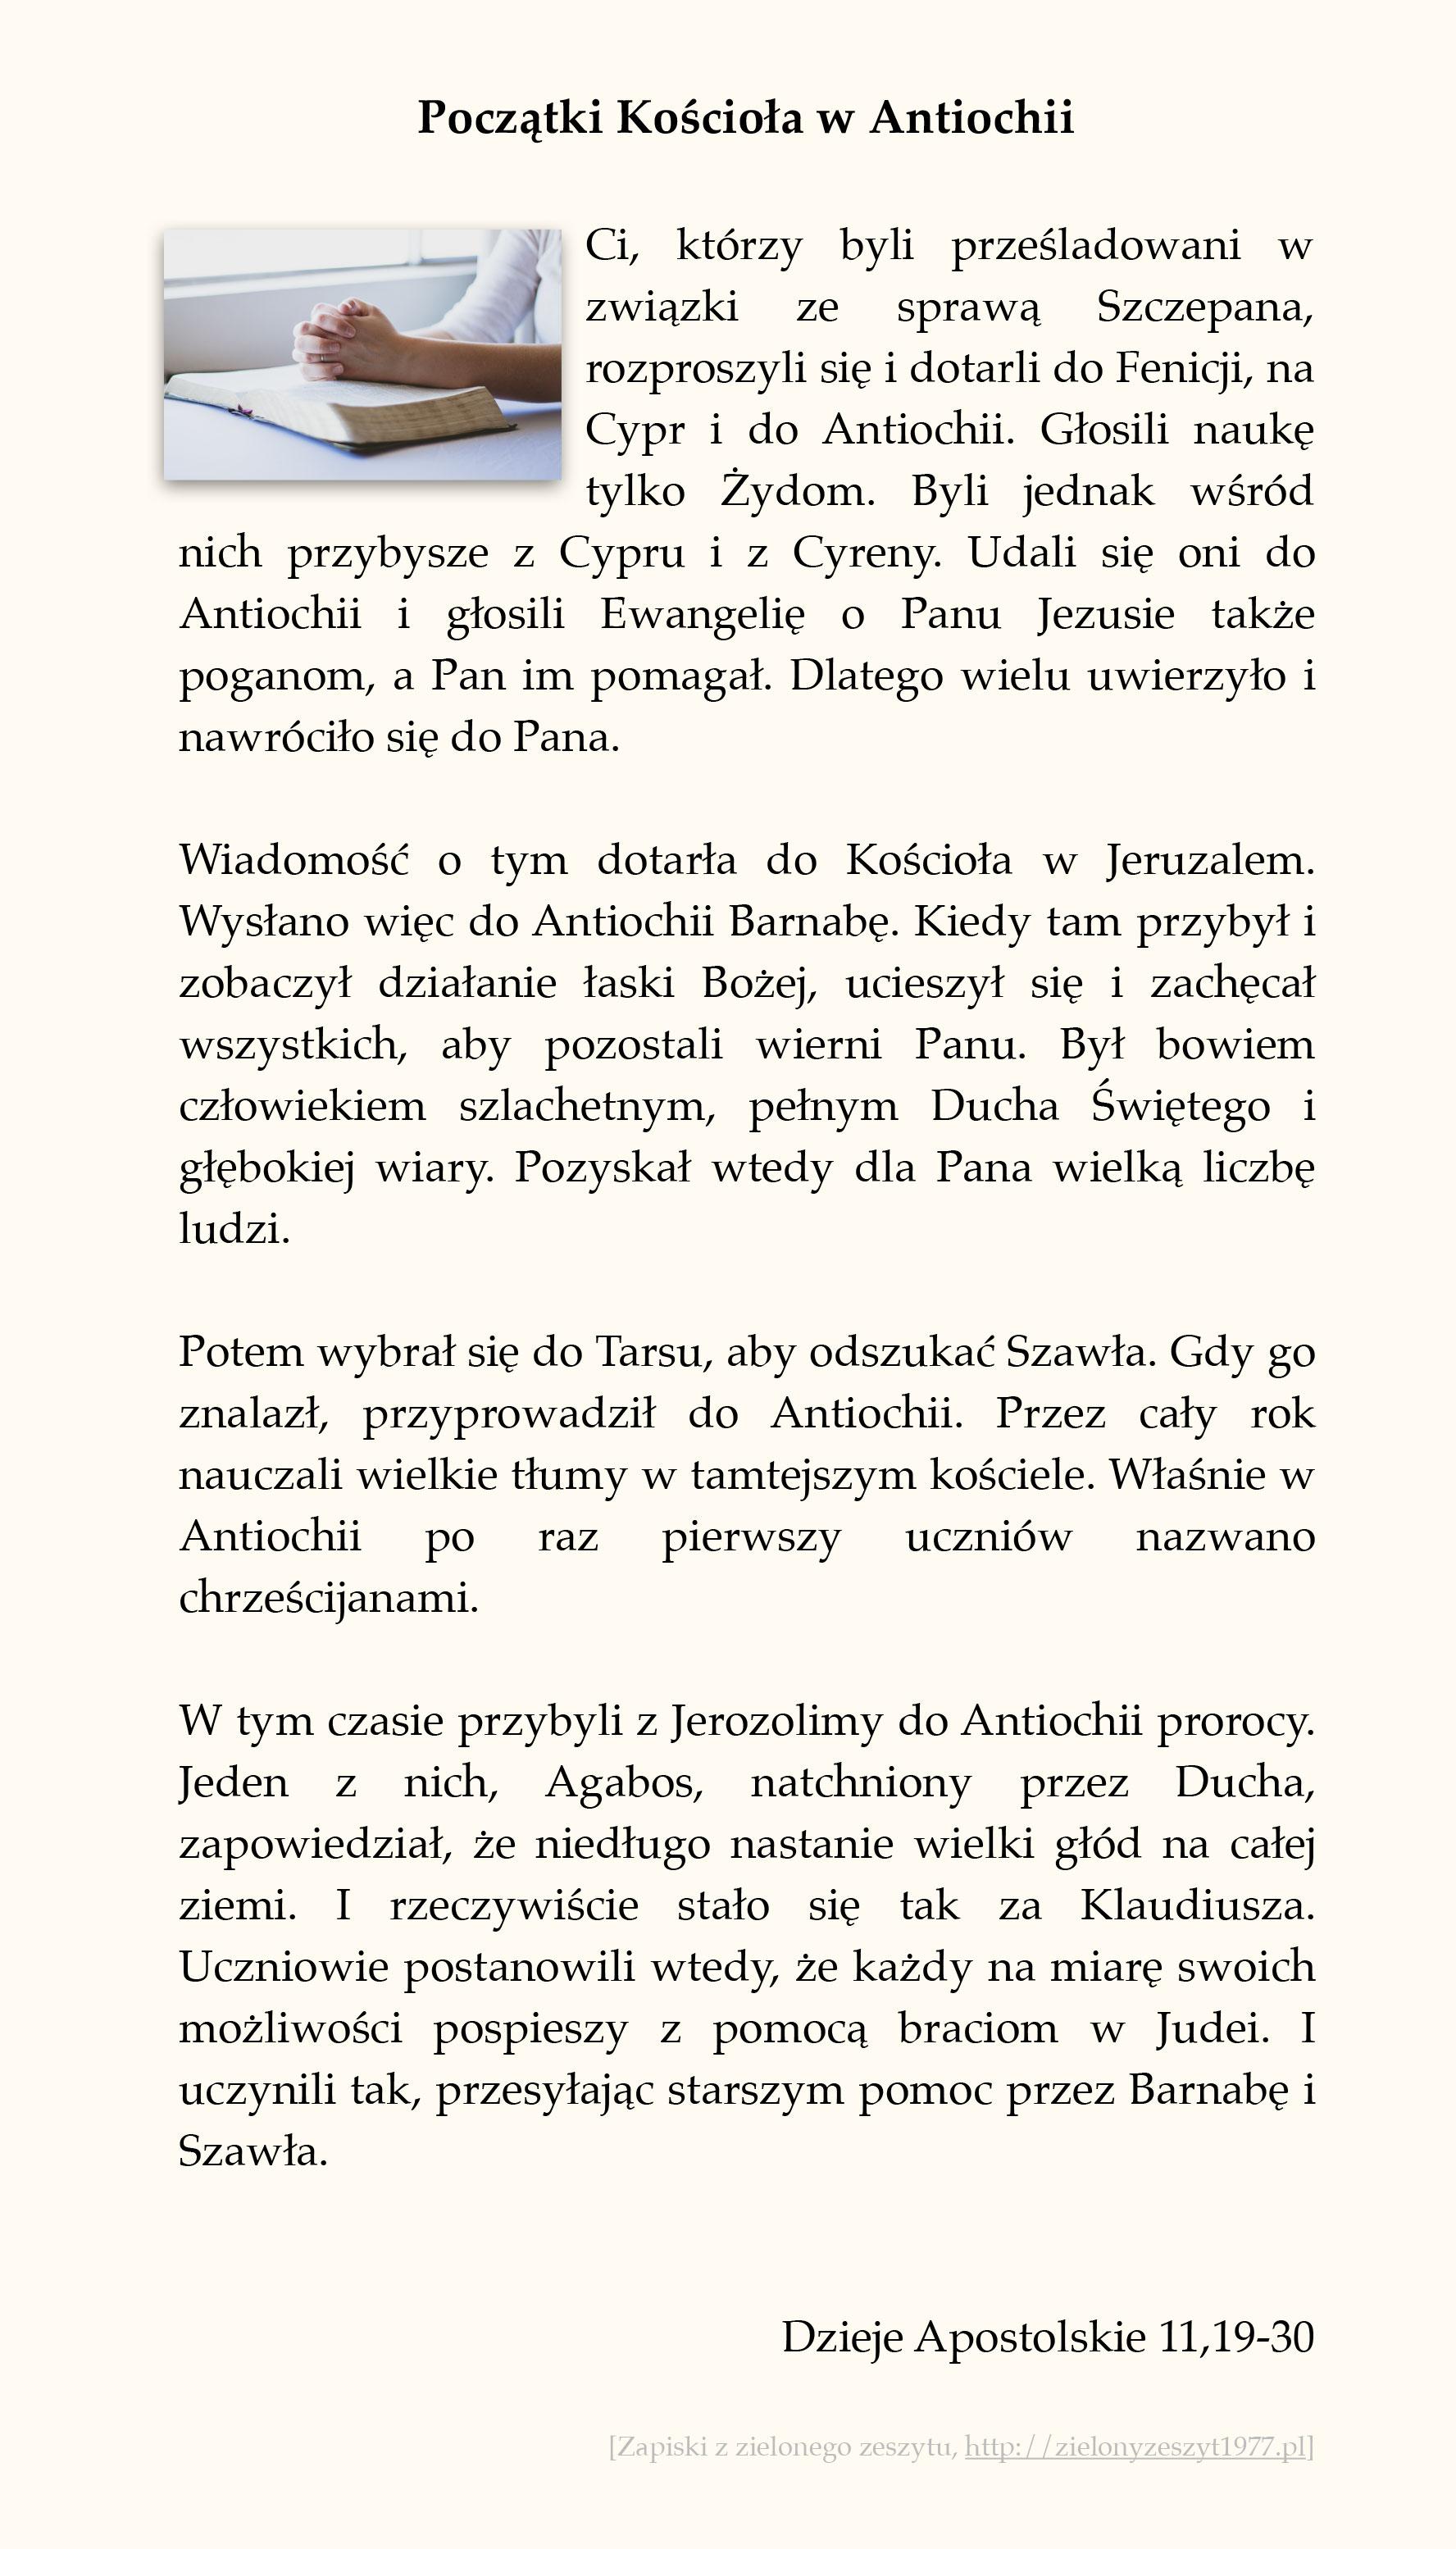 Początki Kościoła w Antiochii; Dzieje Apostolskie (#52)